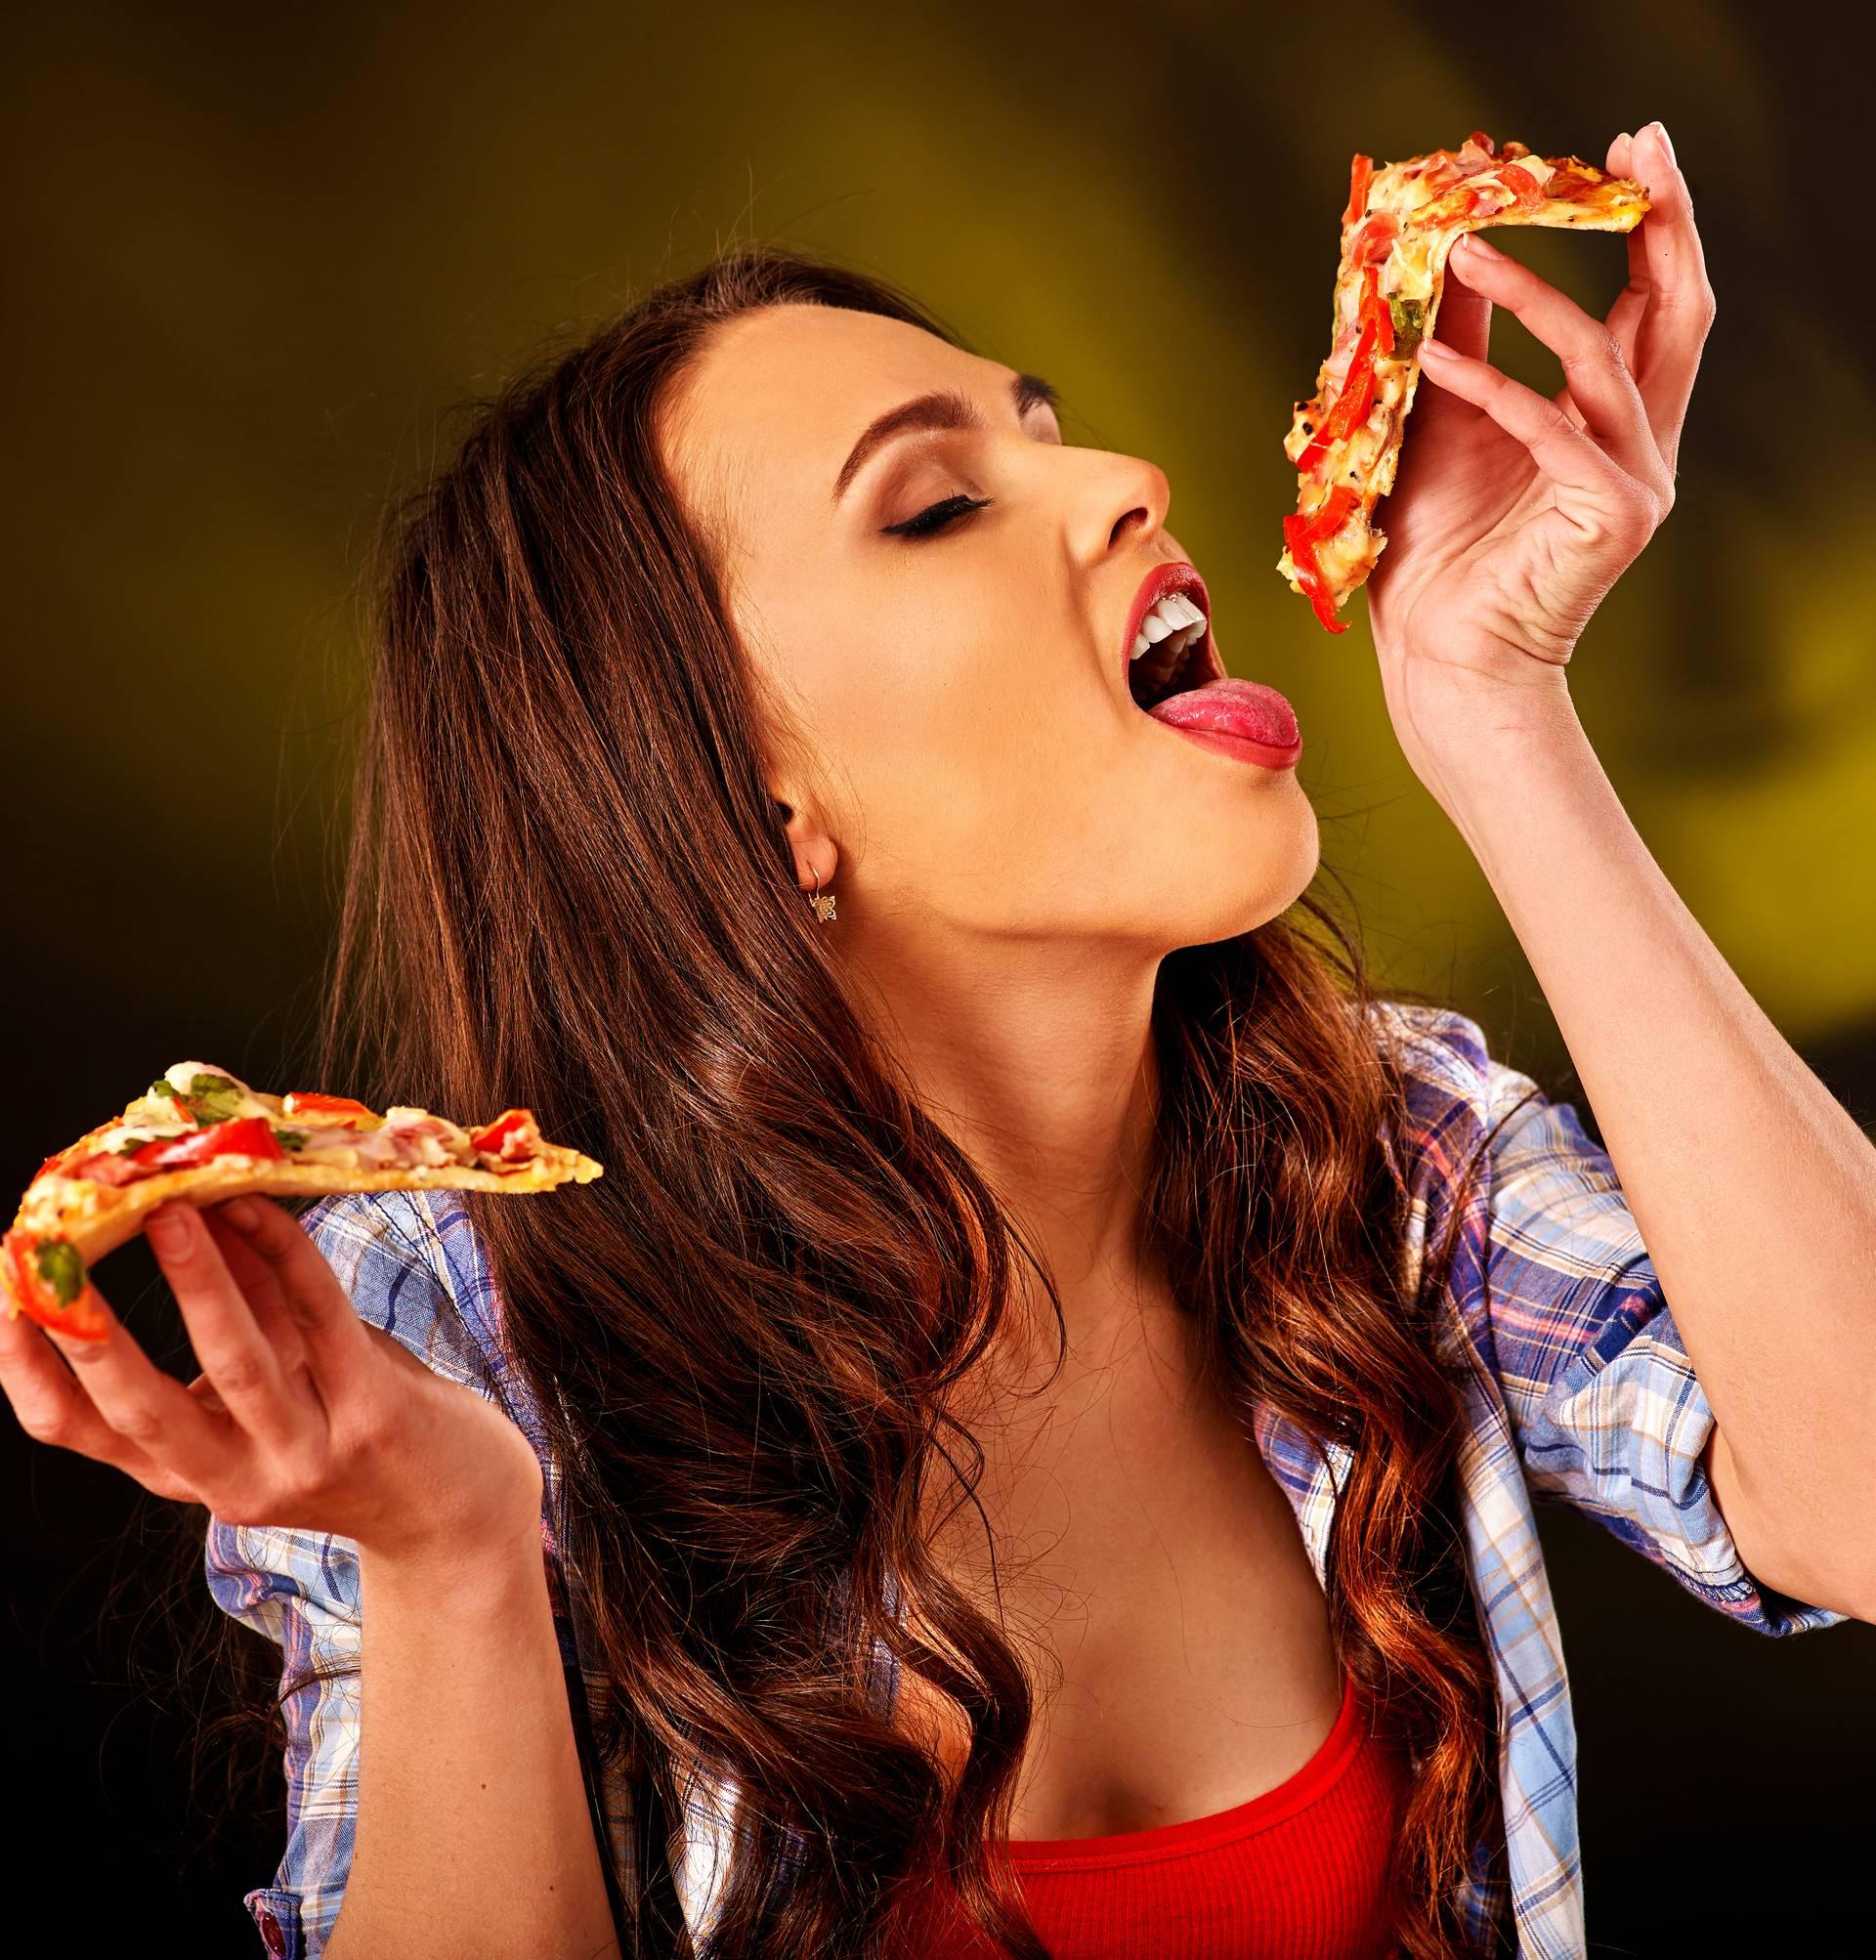 Veliki test: Zamrznute pizze su fine, posebno kad se još dorade